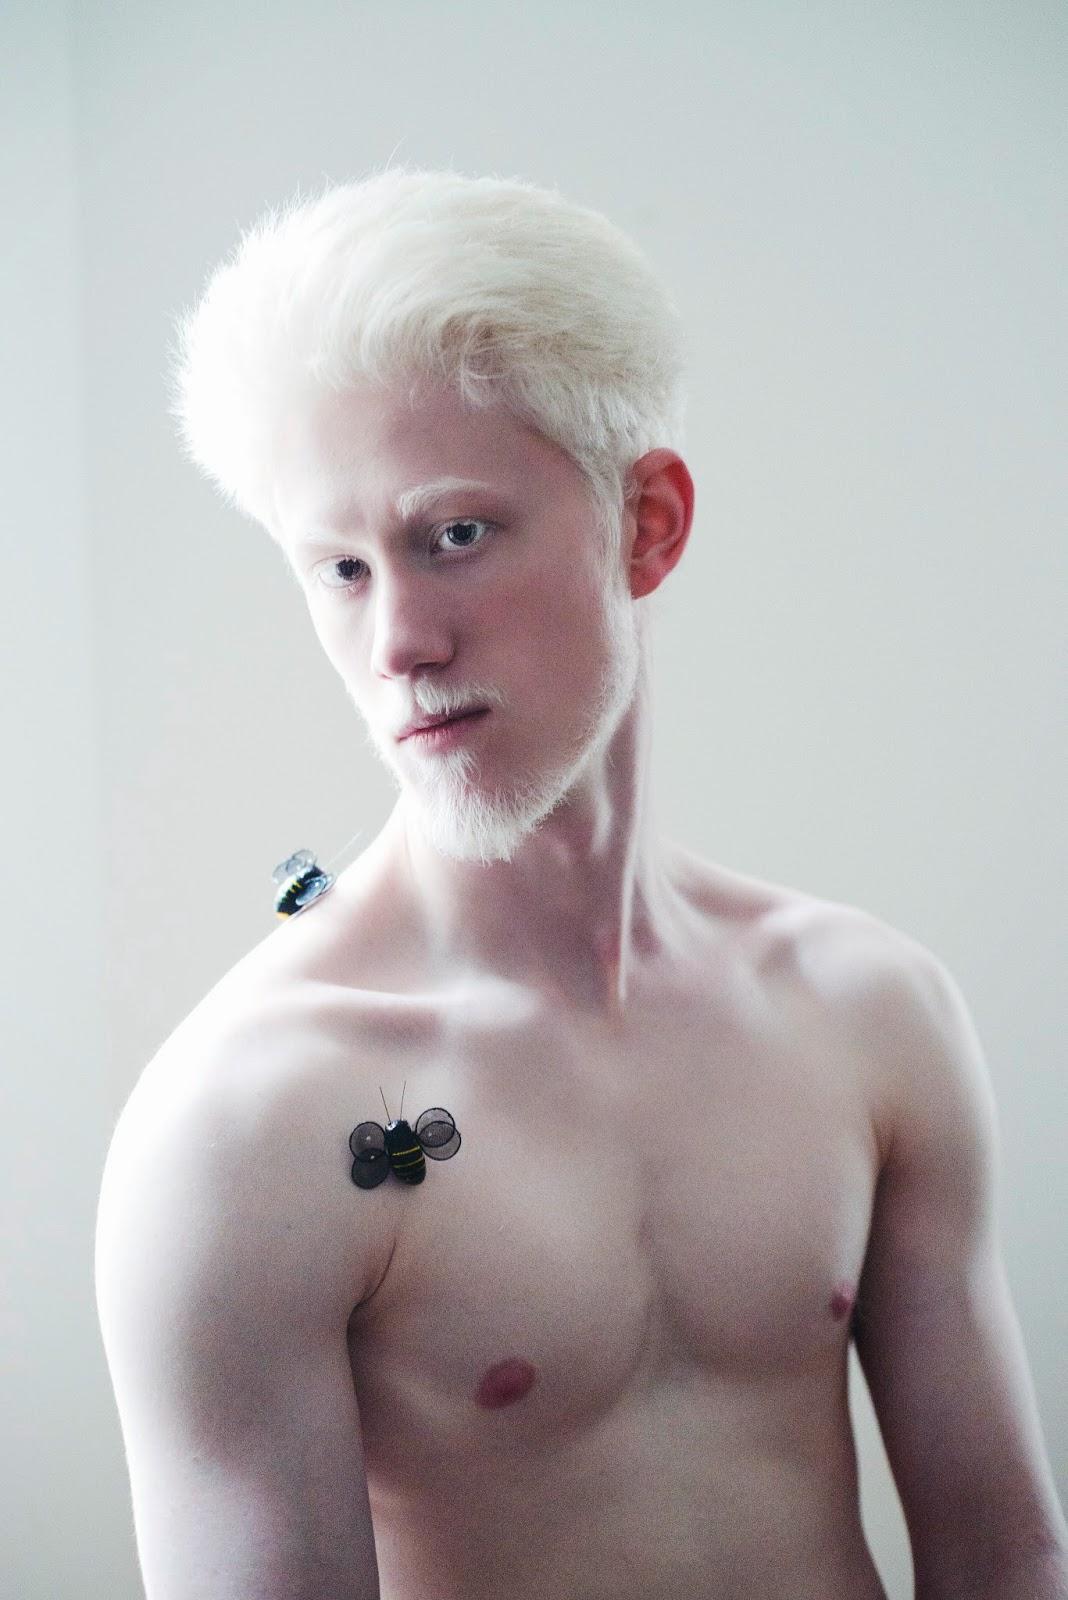 Acıtmayız :DDDDD Porn Pics Albinos love BBW